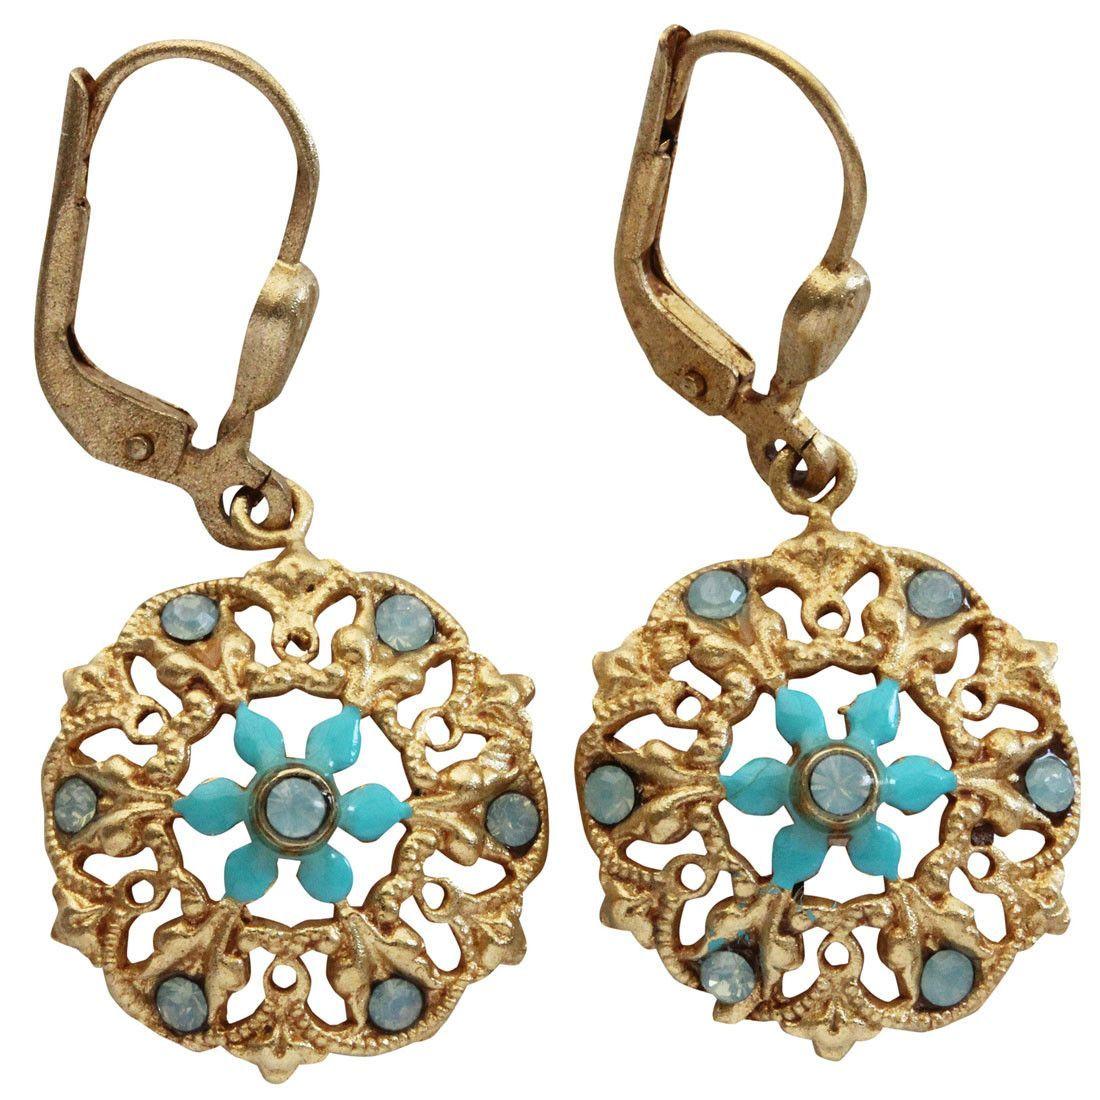 Catherine Popesco 14k Gold Plated Enamel Floret Earrings, 3119G Turquoise Blue